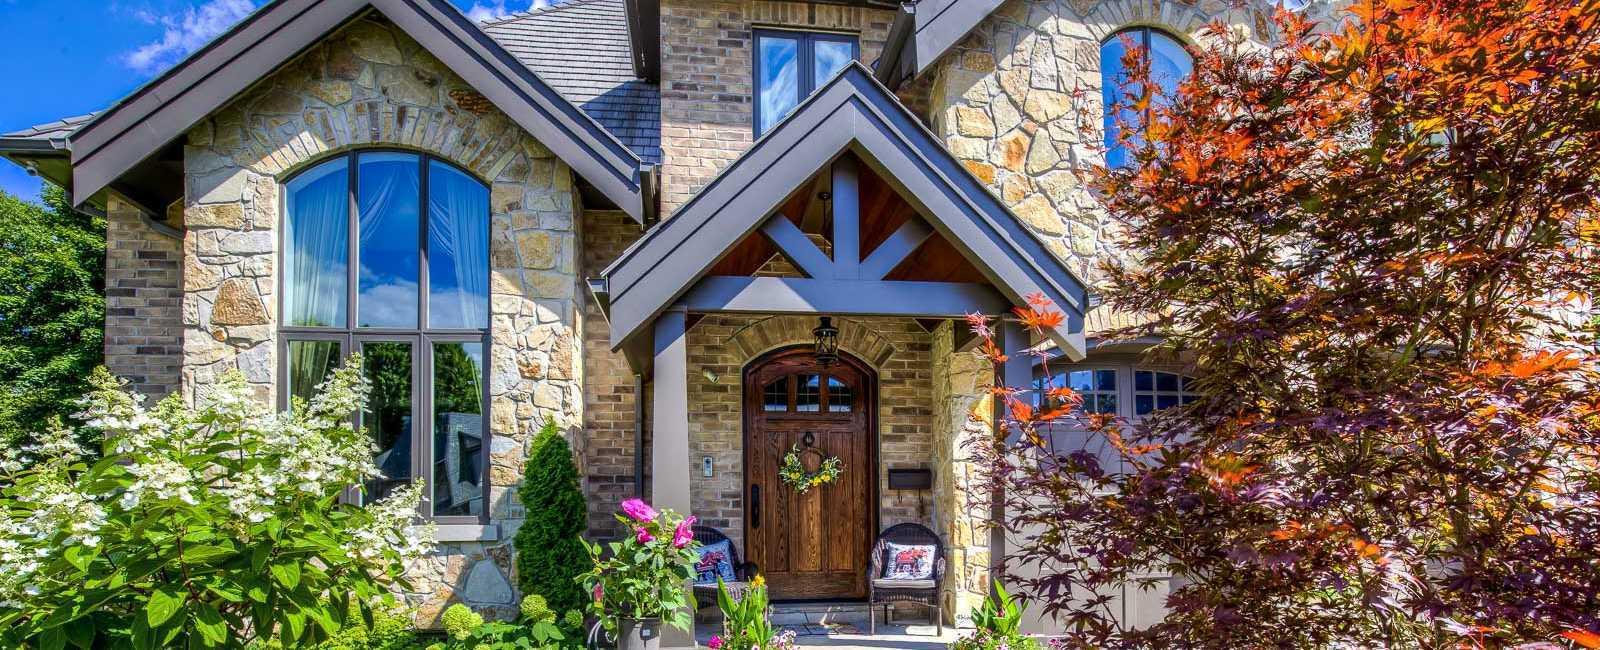 Custom Home Builders Toronto U0026 North York   Luxury Home Builders!